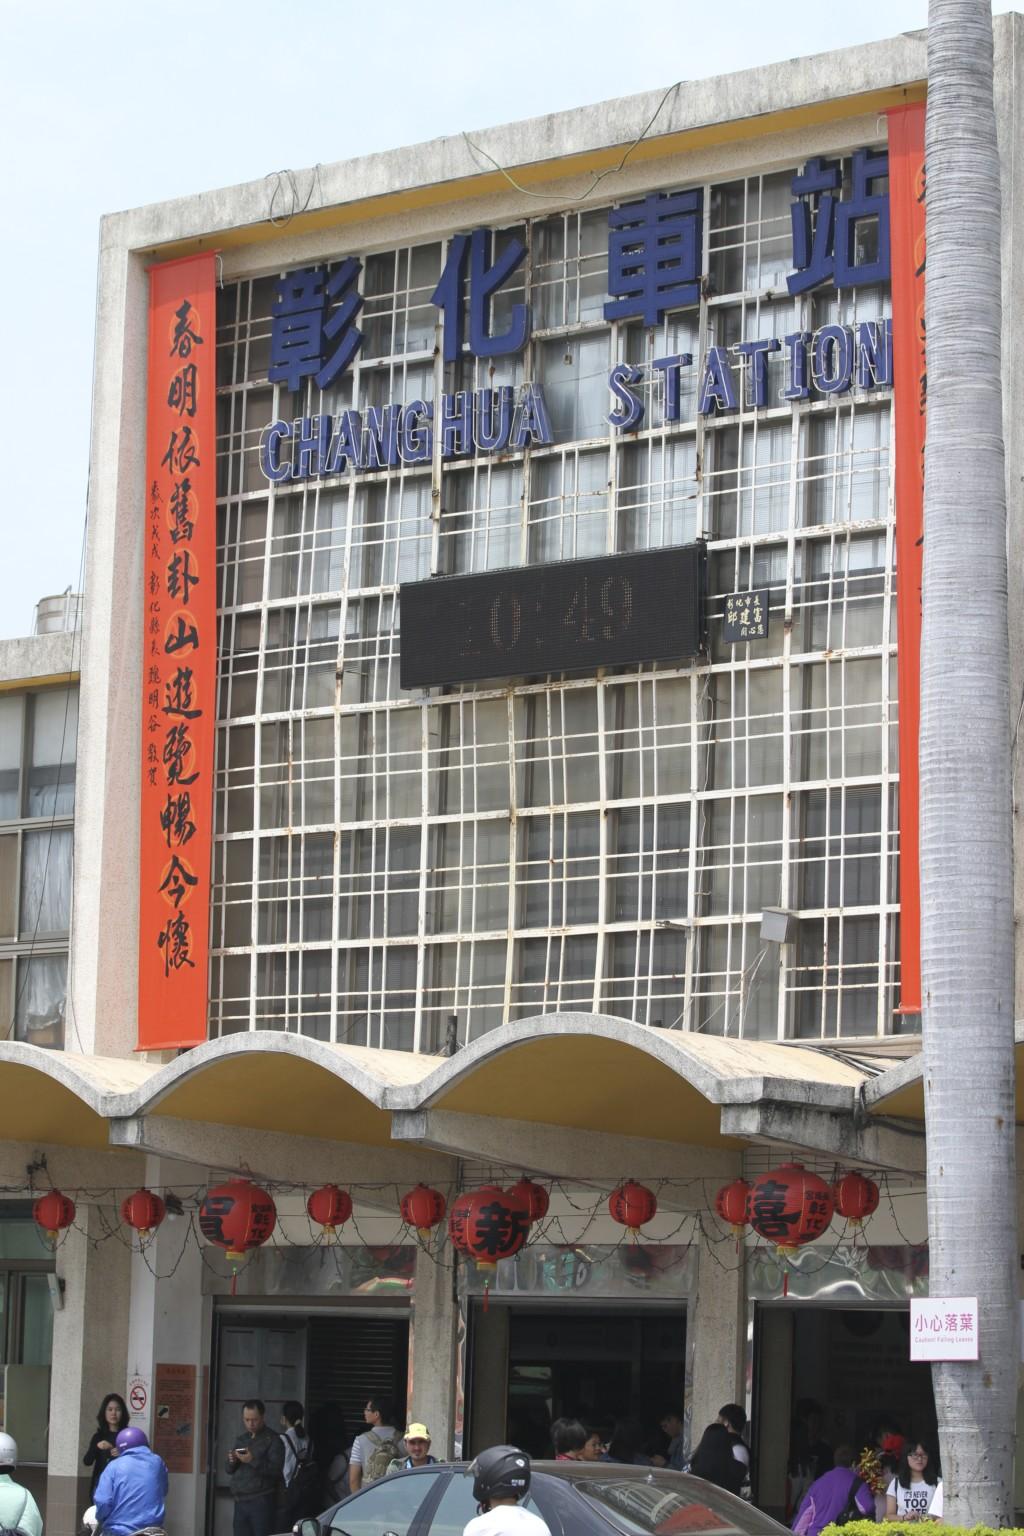 「彰化駅」の駅舎